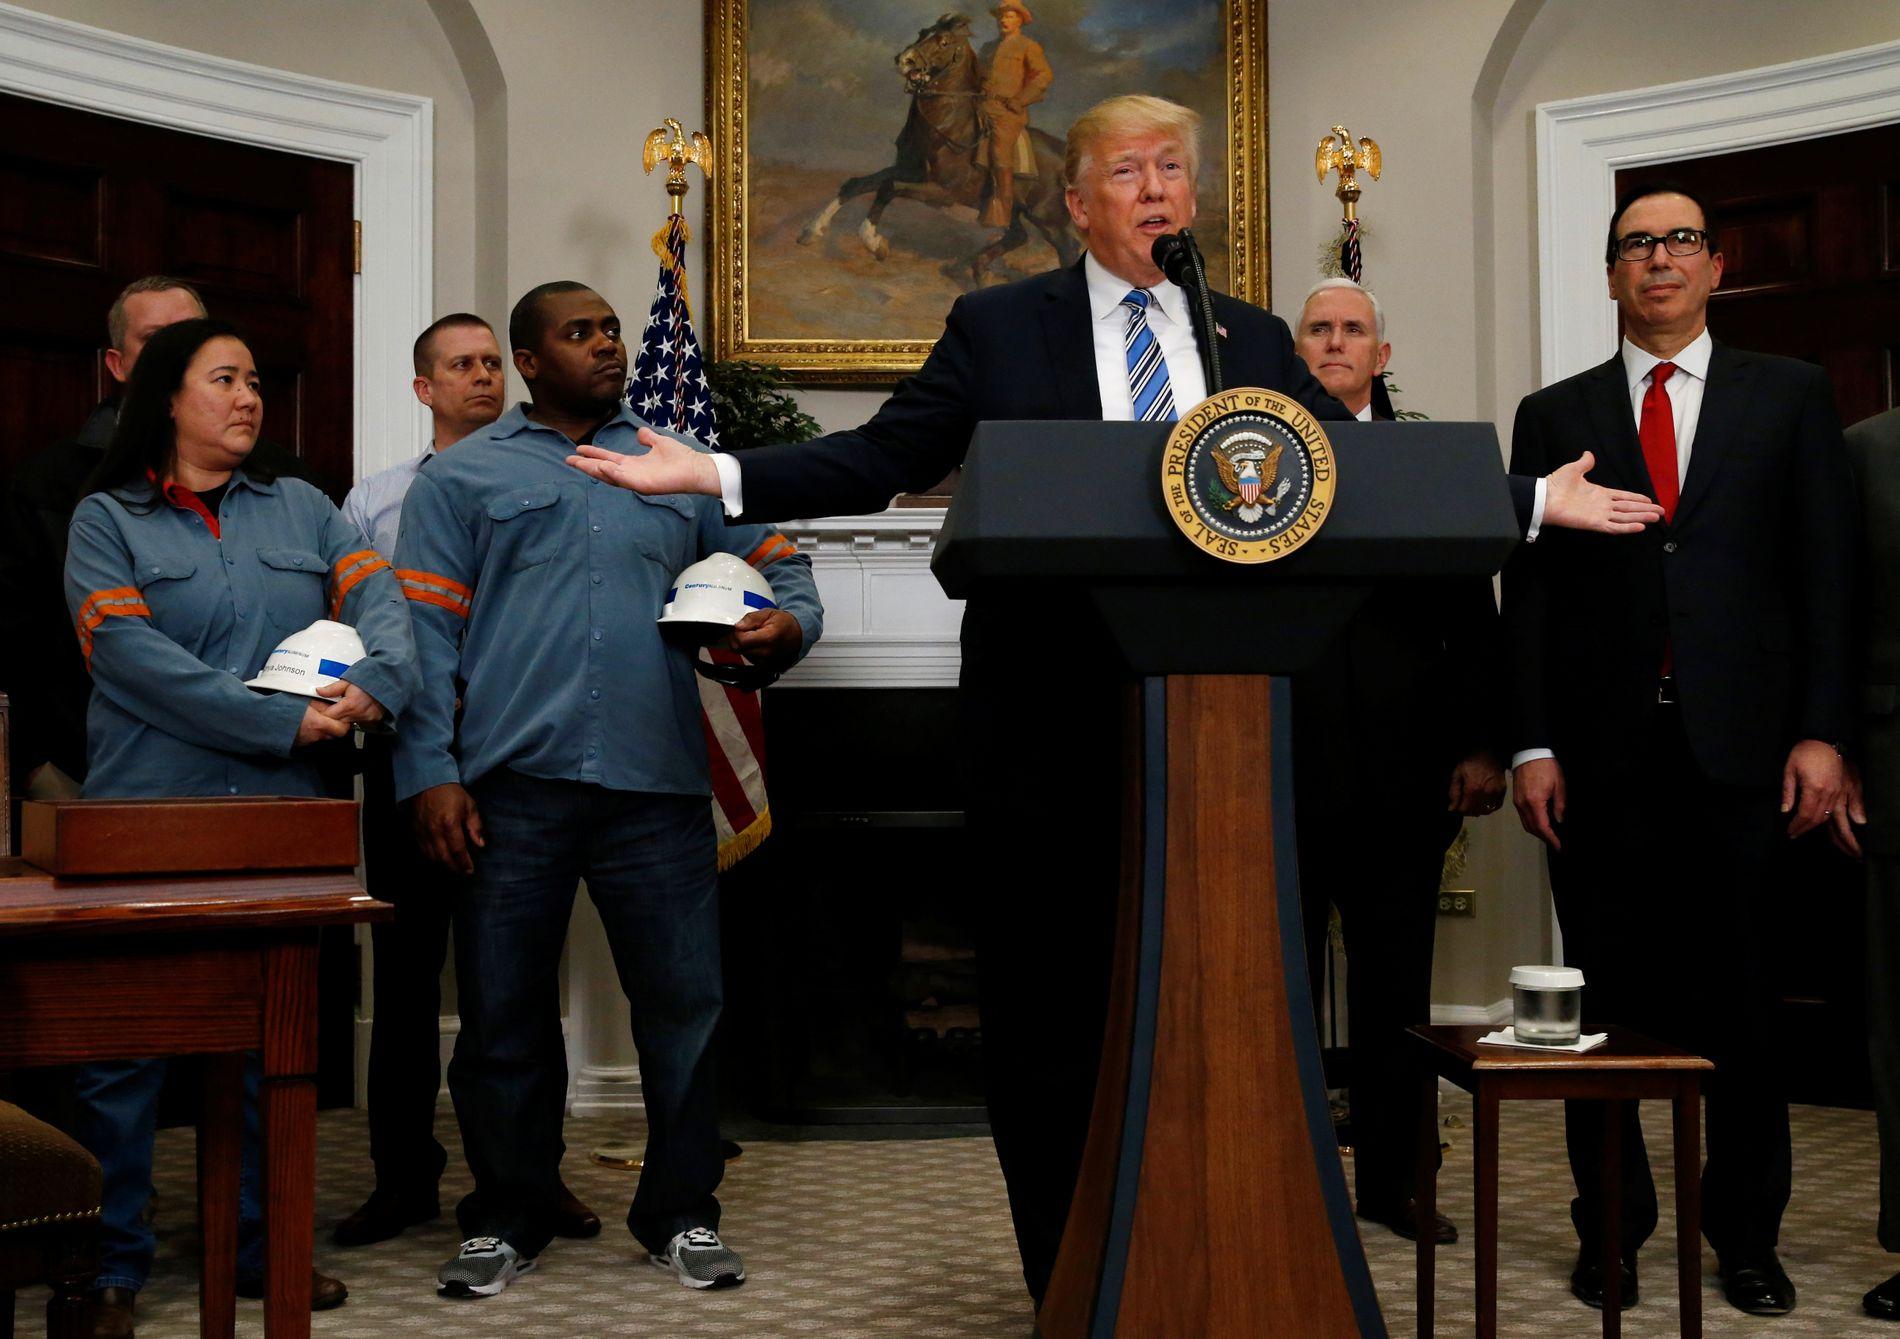 SIGNERTE ORDRE: Trump omgitt av stålarbeidere da han signerte det kontroversielle forslaget om toll på stål og aluminium.